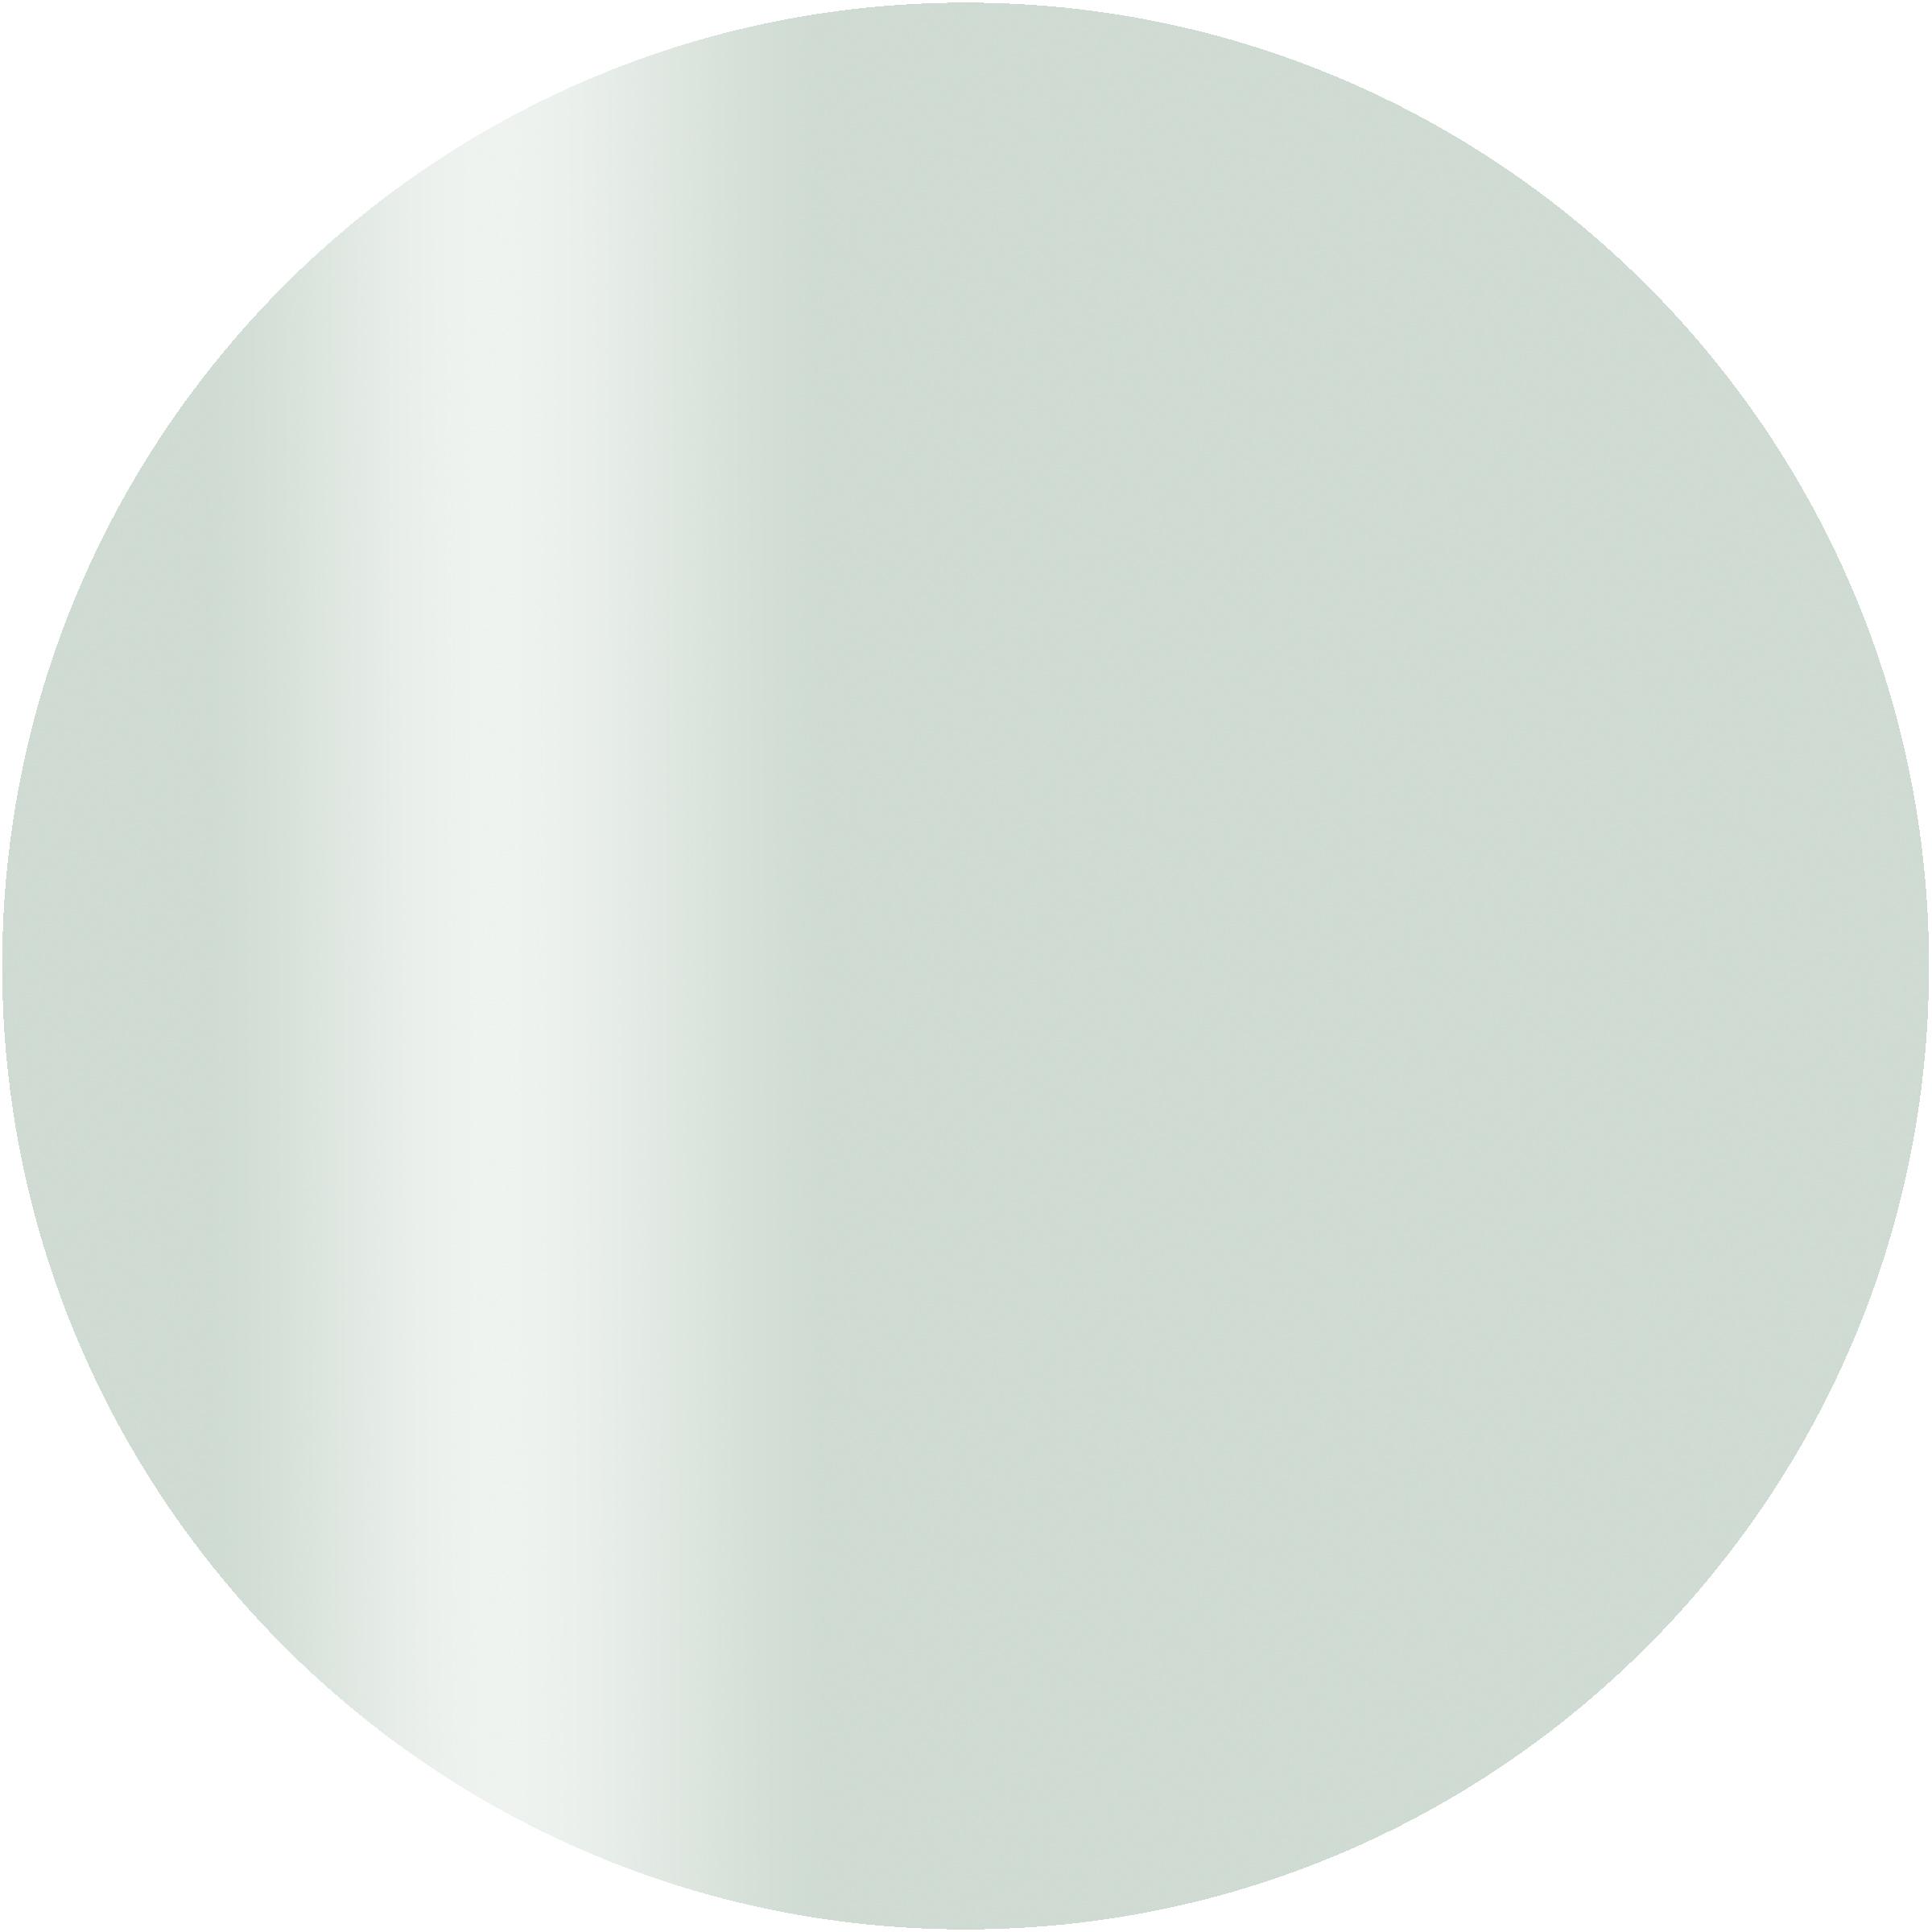 CGM07GR カラーカルジェル プラス ラスティグリーン 2.5g